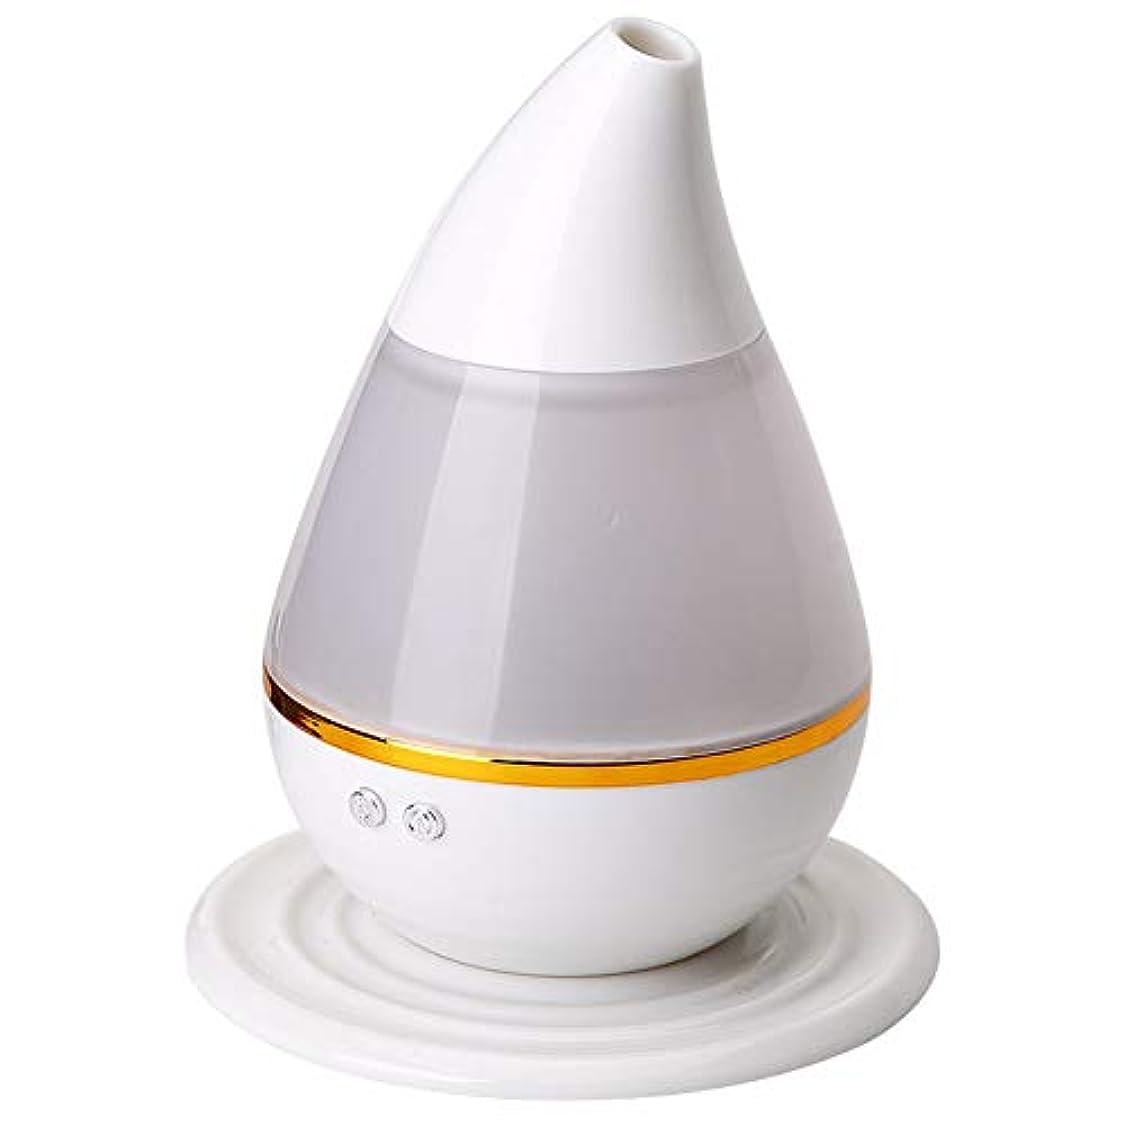 寄稿者出身地冷淡なエッセンシャル オイル ディフューザー, 涼しい霧の加湿器 7色LEDムードランプ そして 自動シャットオフ アロマディフューザー の ホーム オフィス Yoga 車-ホワイト 12x15cm